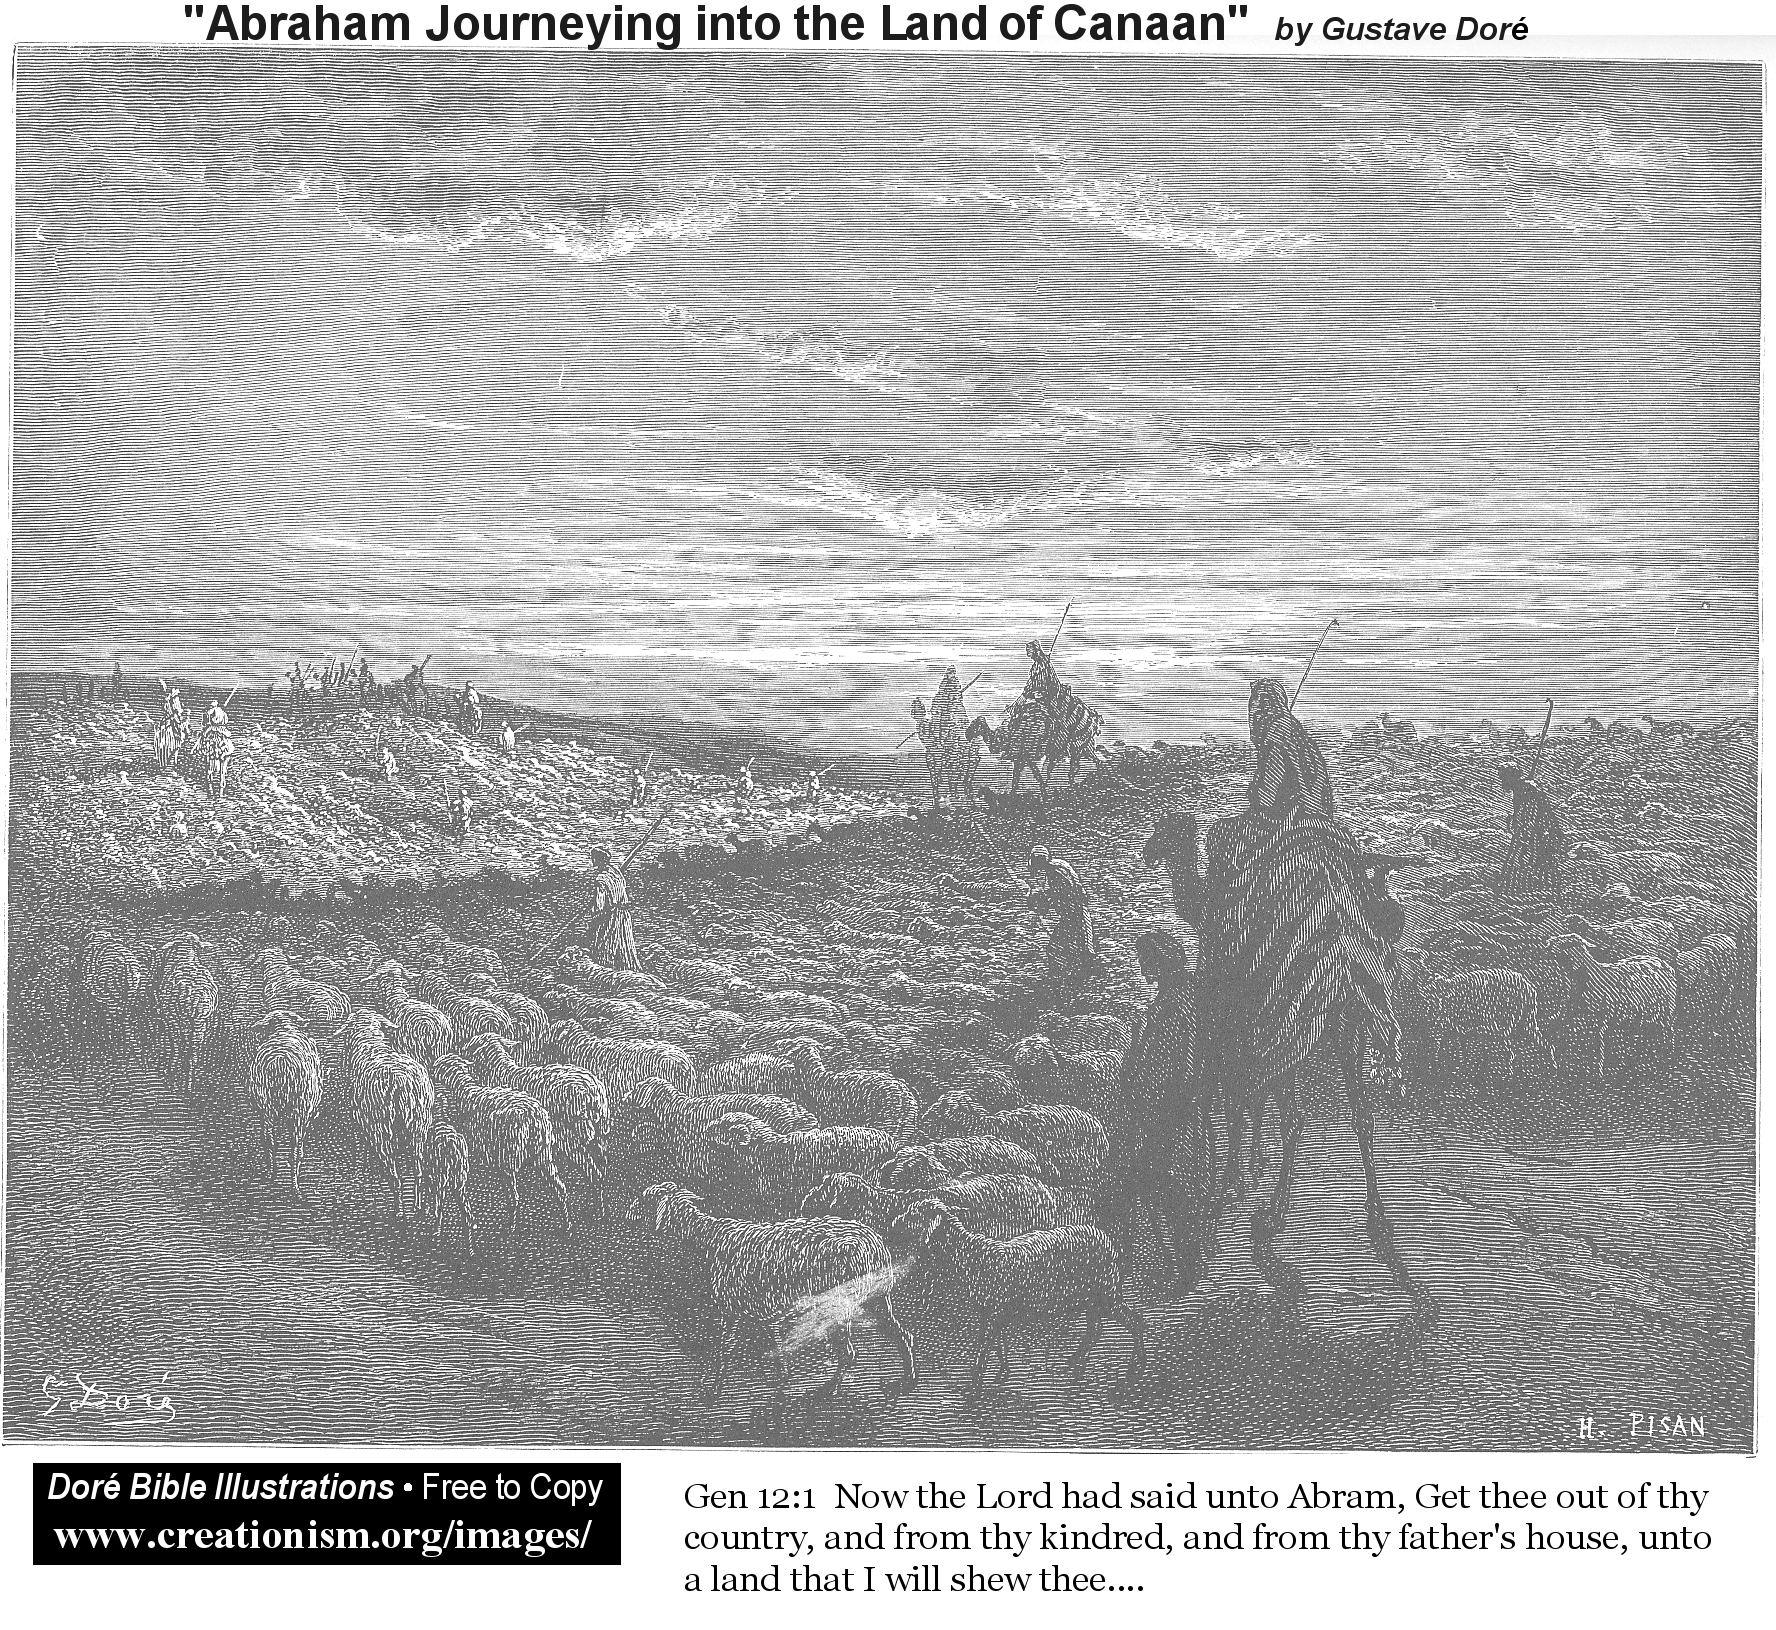 Ilustraciones Biblicas Por Gustave Doré parte 1